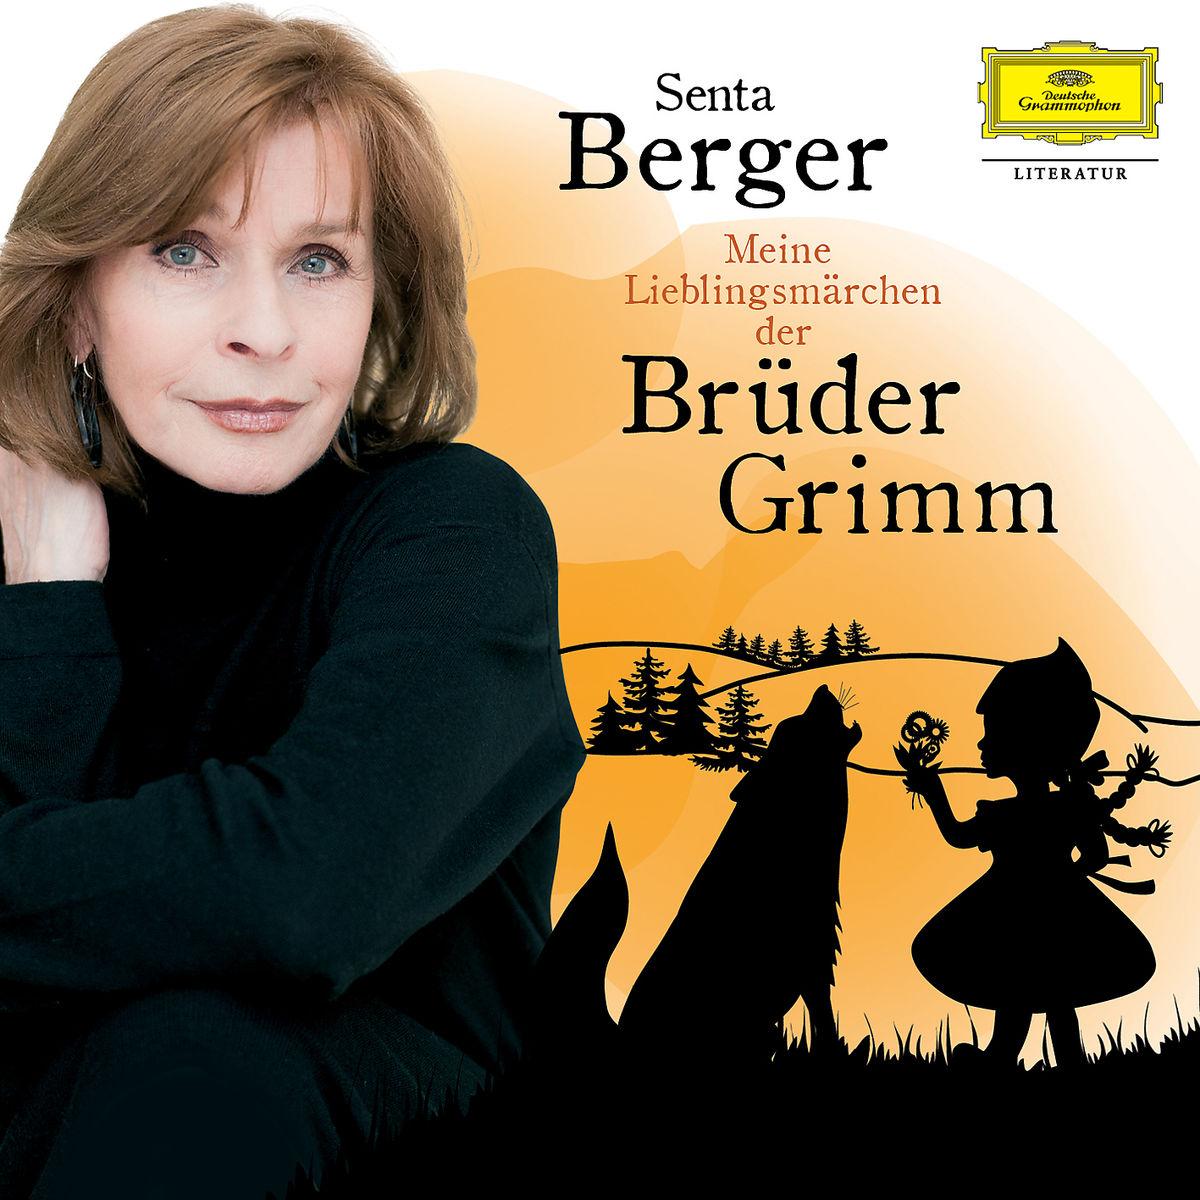 senta berger musik mozart eine biografie - Gebrder Grimm Lebenslauf